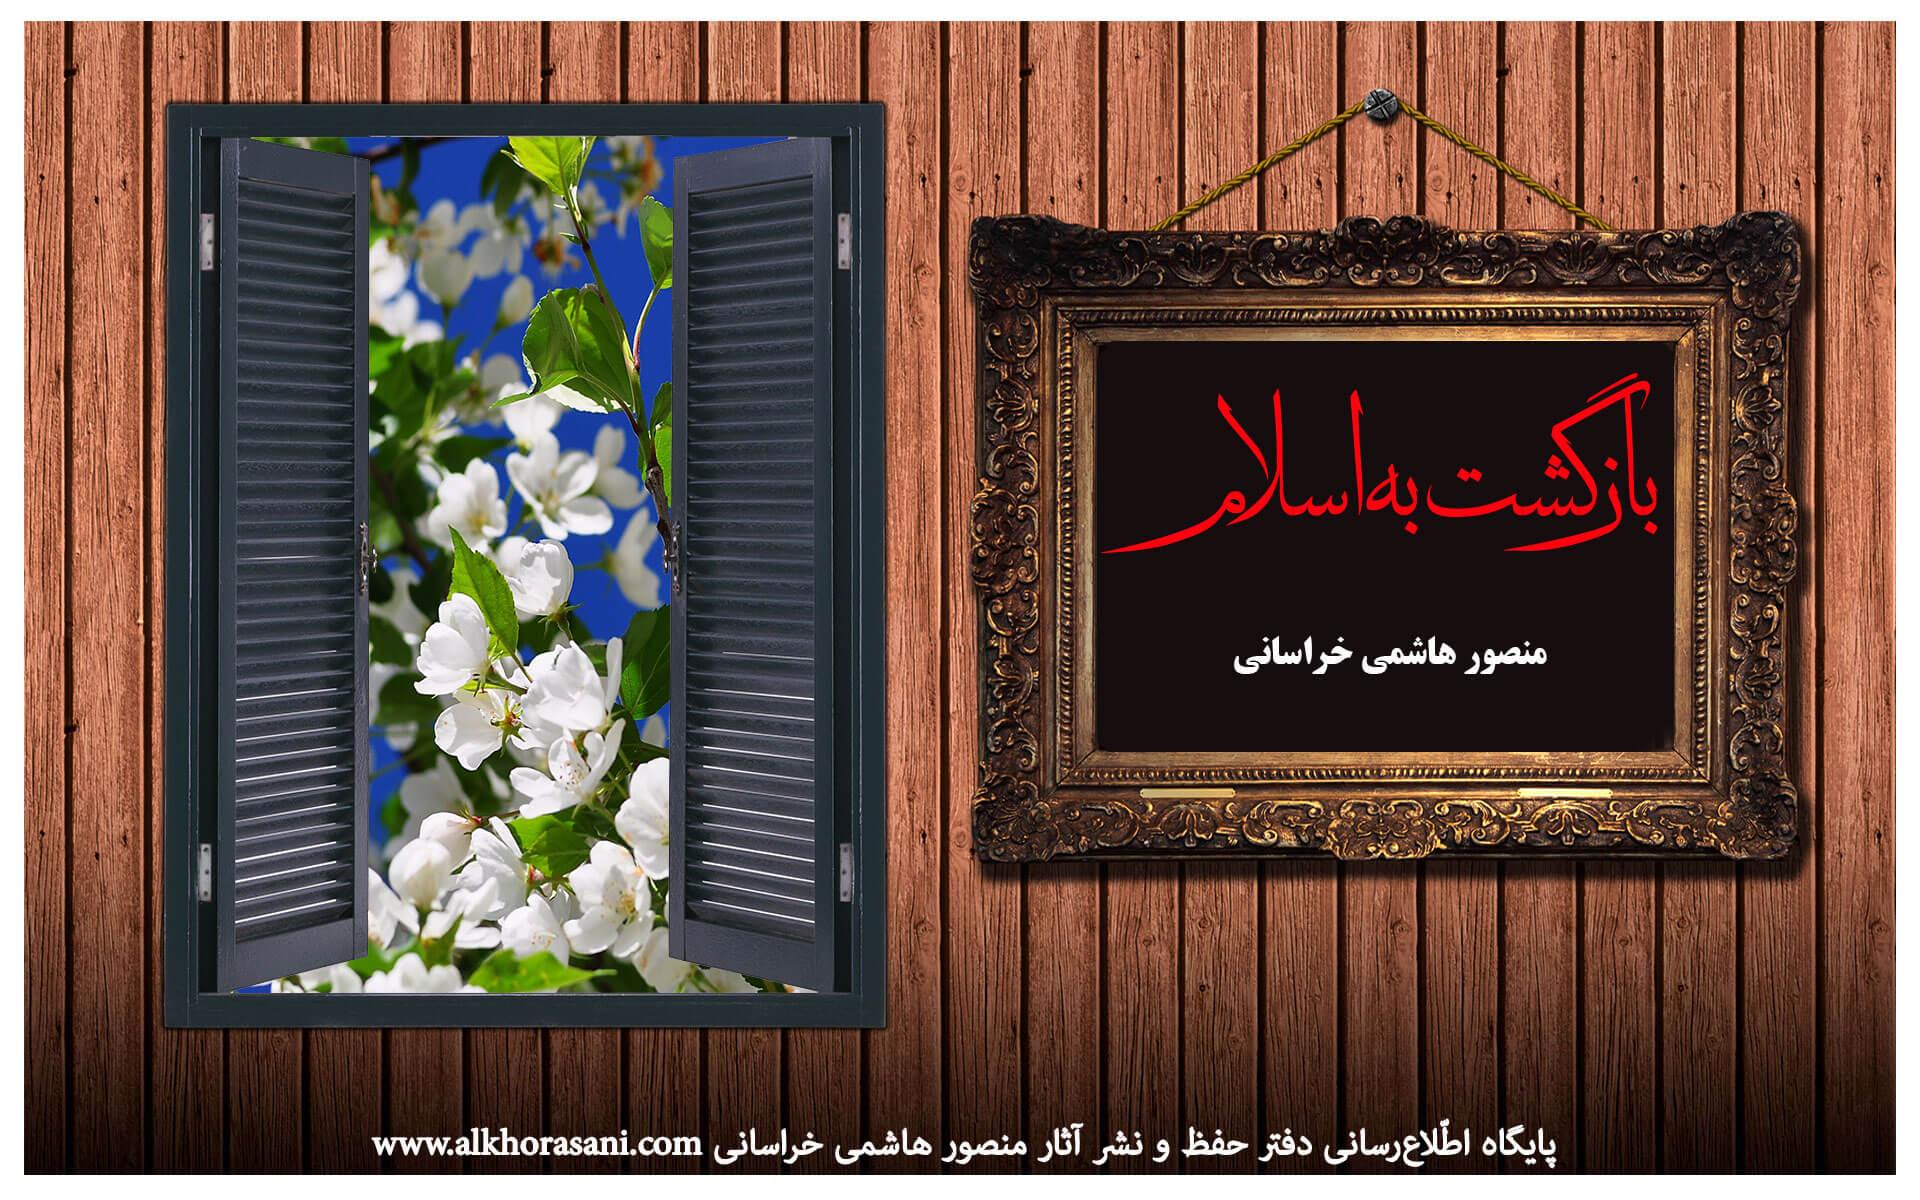 کتاب «بازگشت به اسلام» (15)